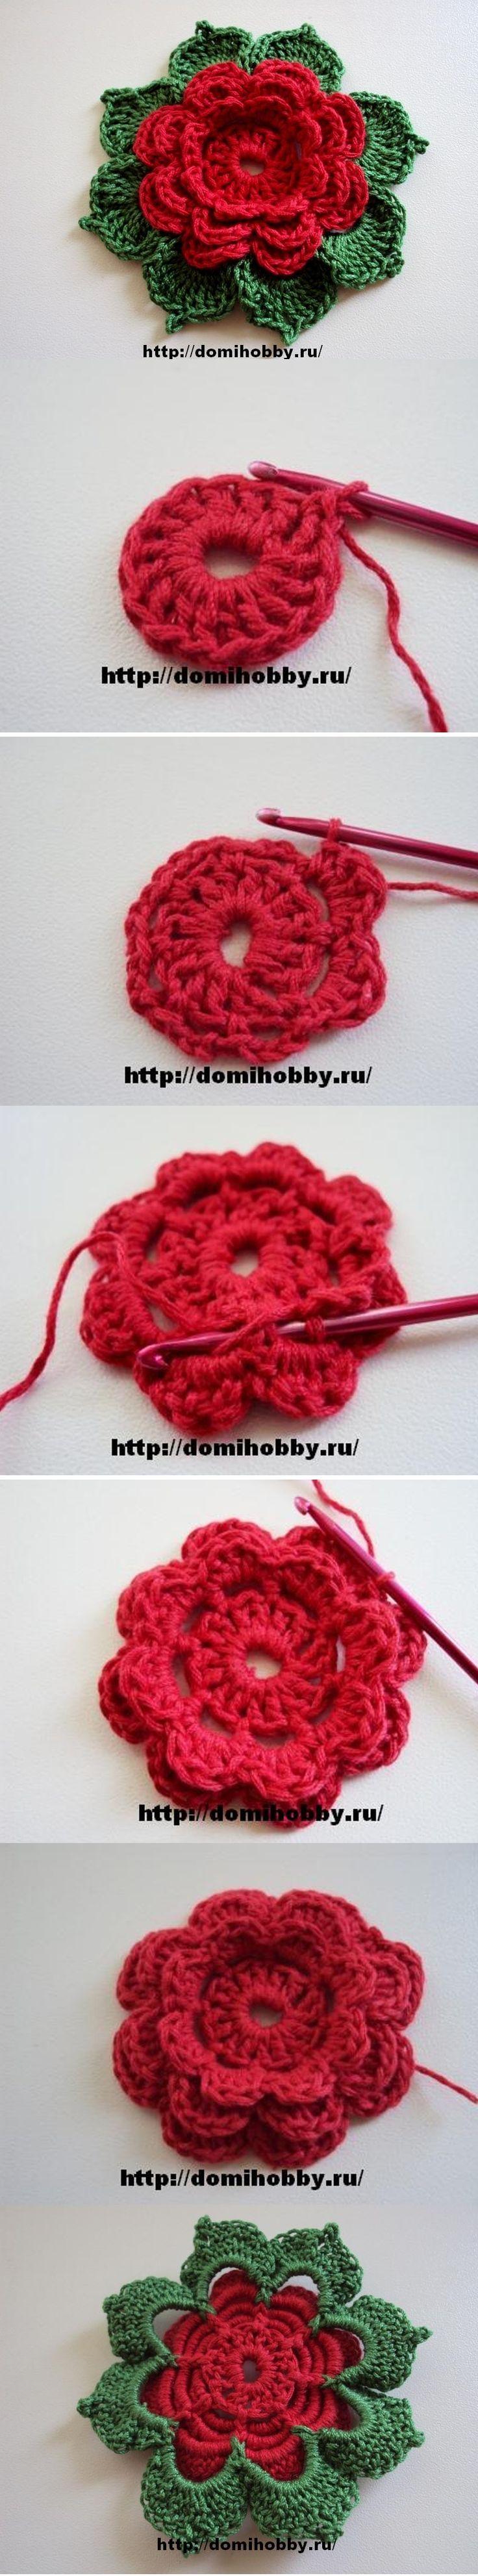 Paso a paso Flor en Crochet Ganchillo